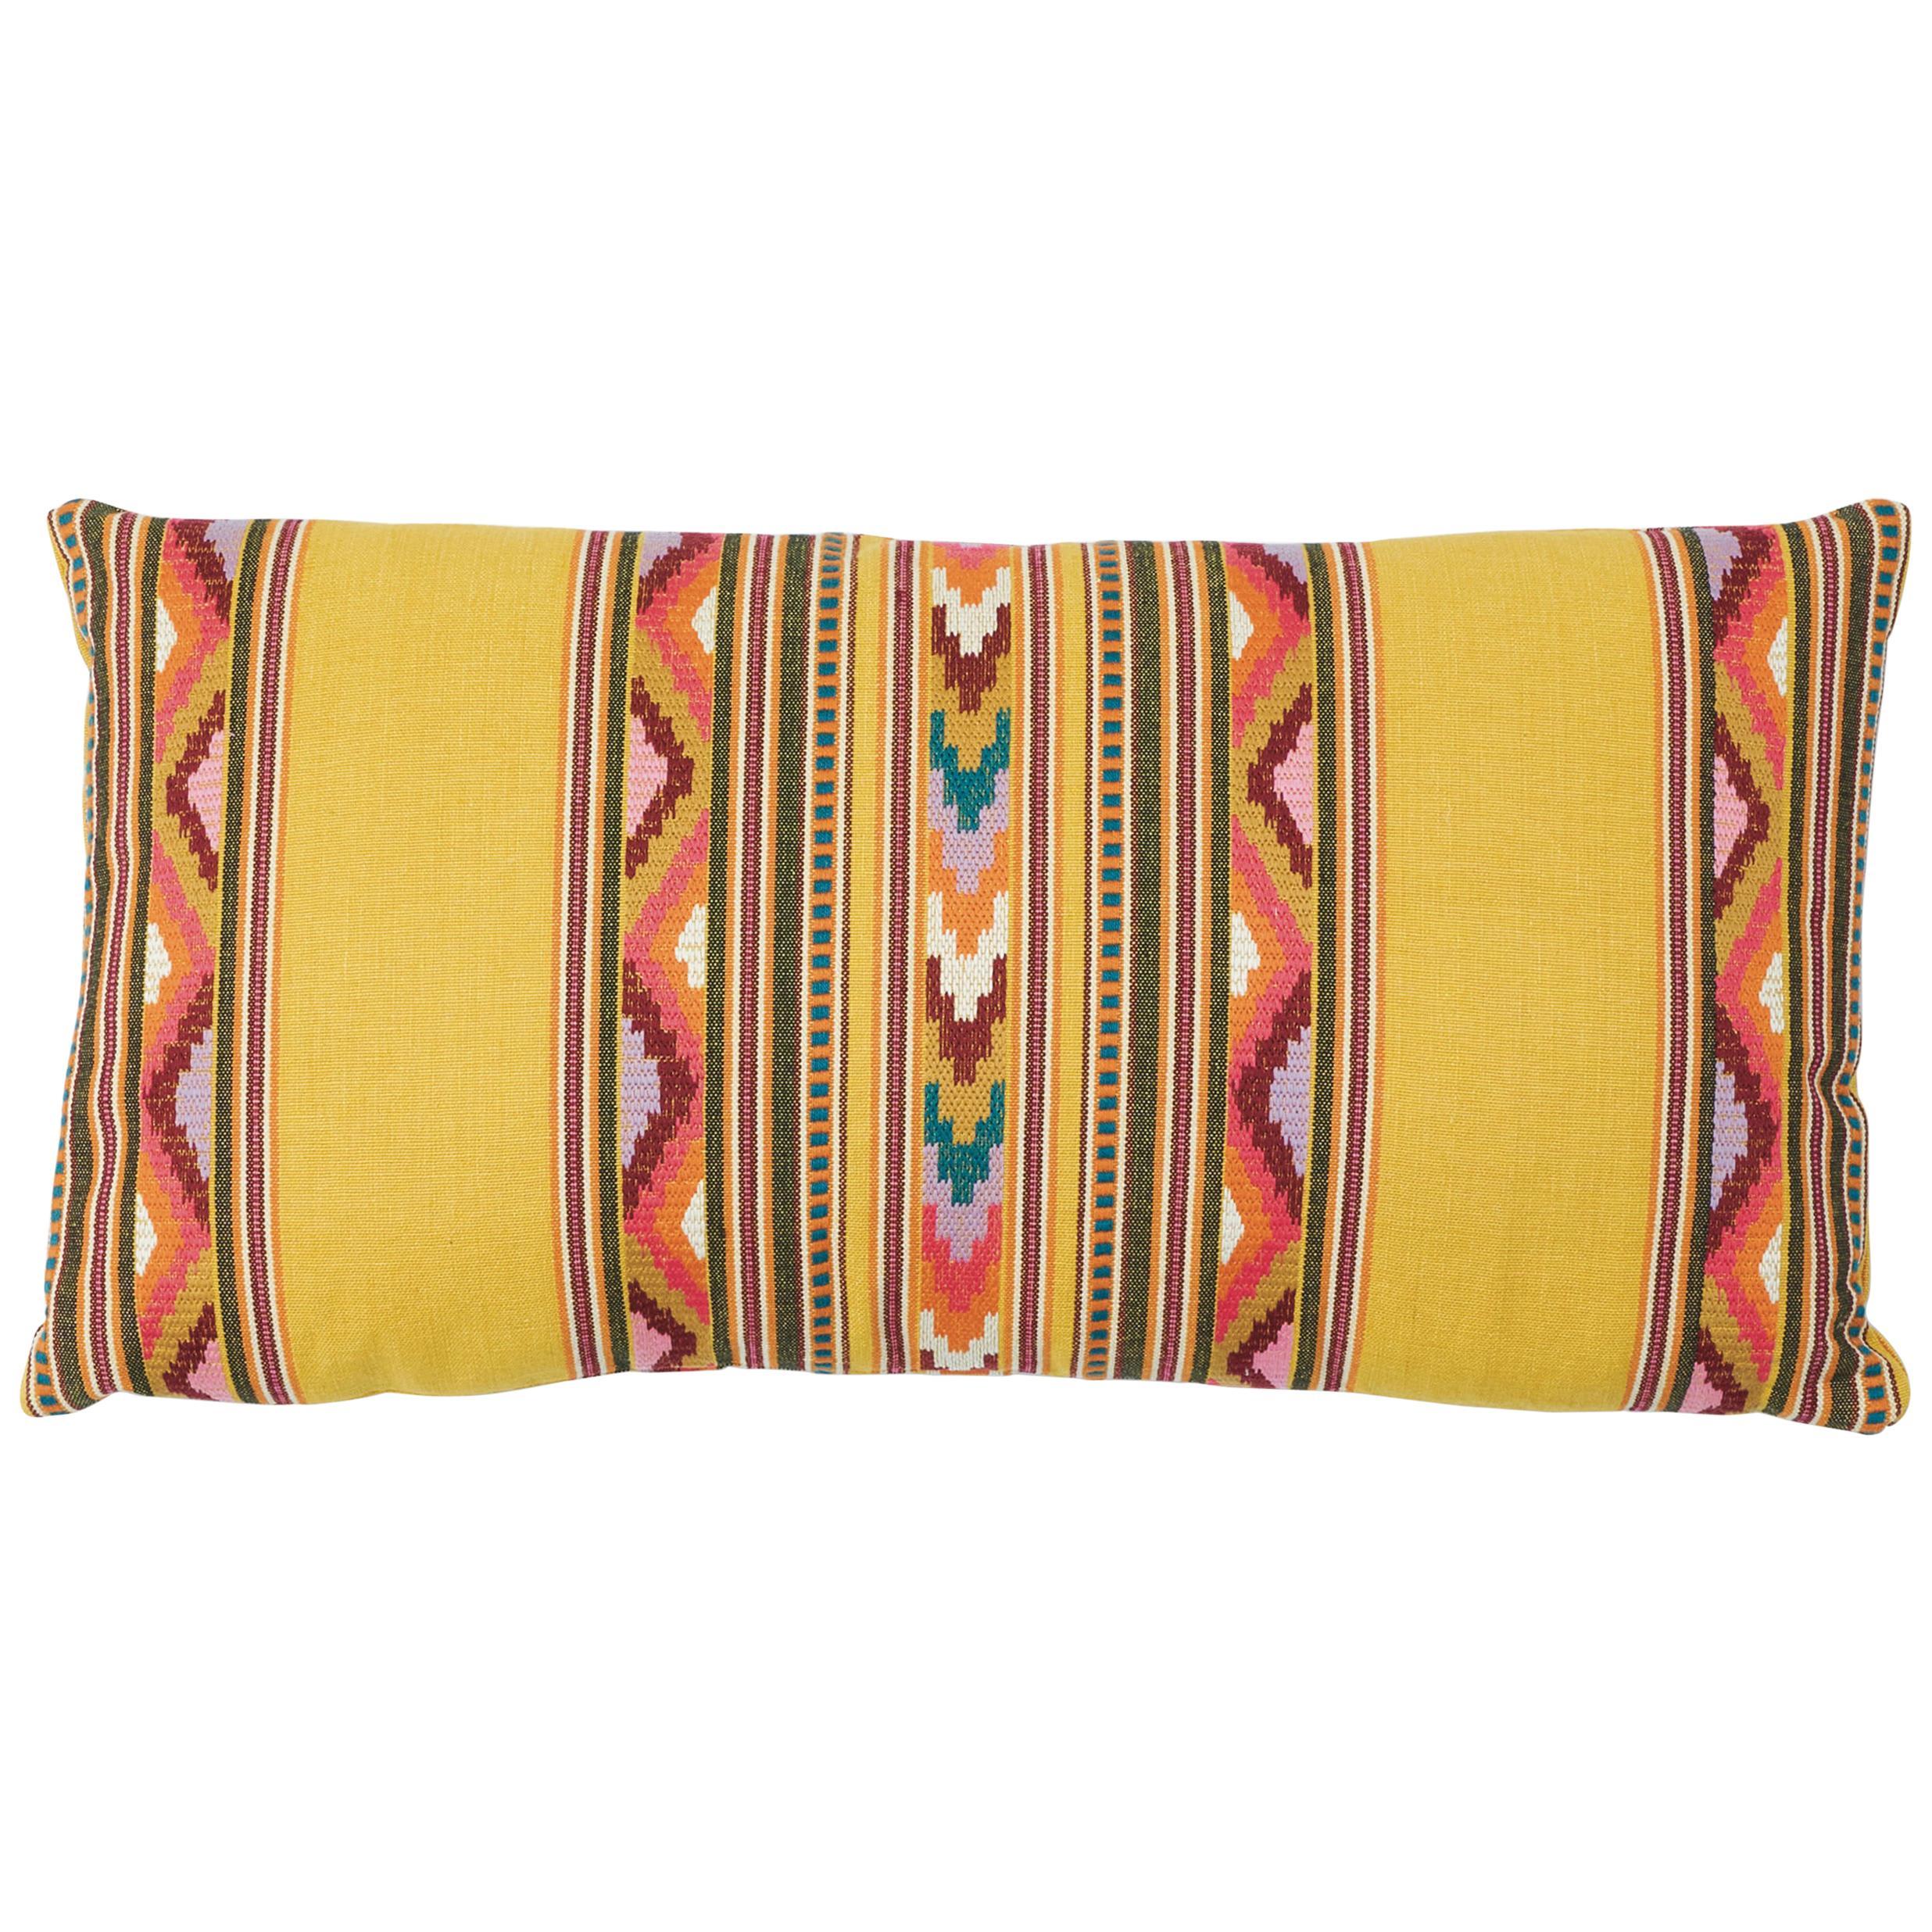 Schumacher Zarzuela Stripe Embroidery Pillow in Saffron